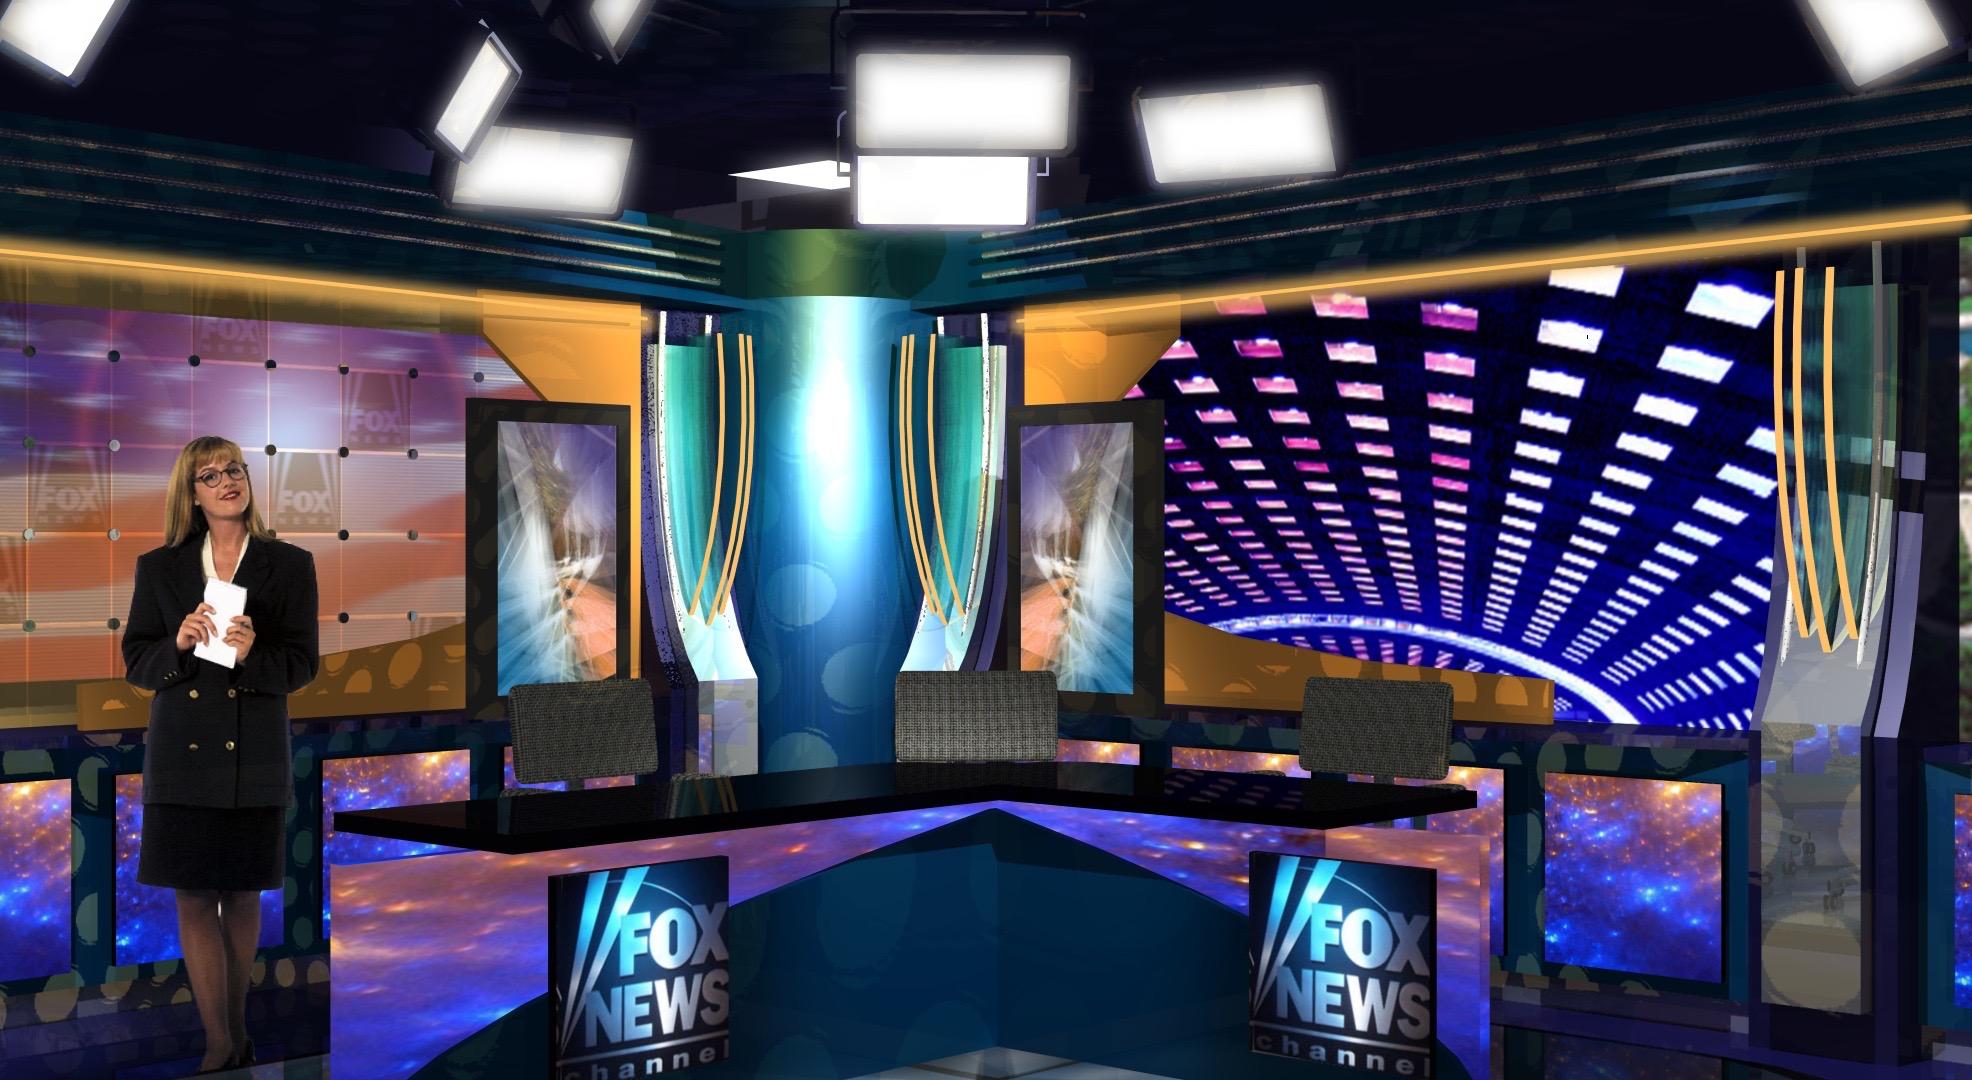 Fox News – Washington Bureau